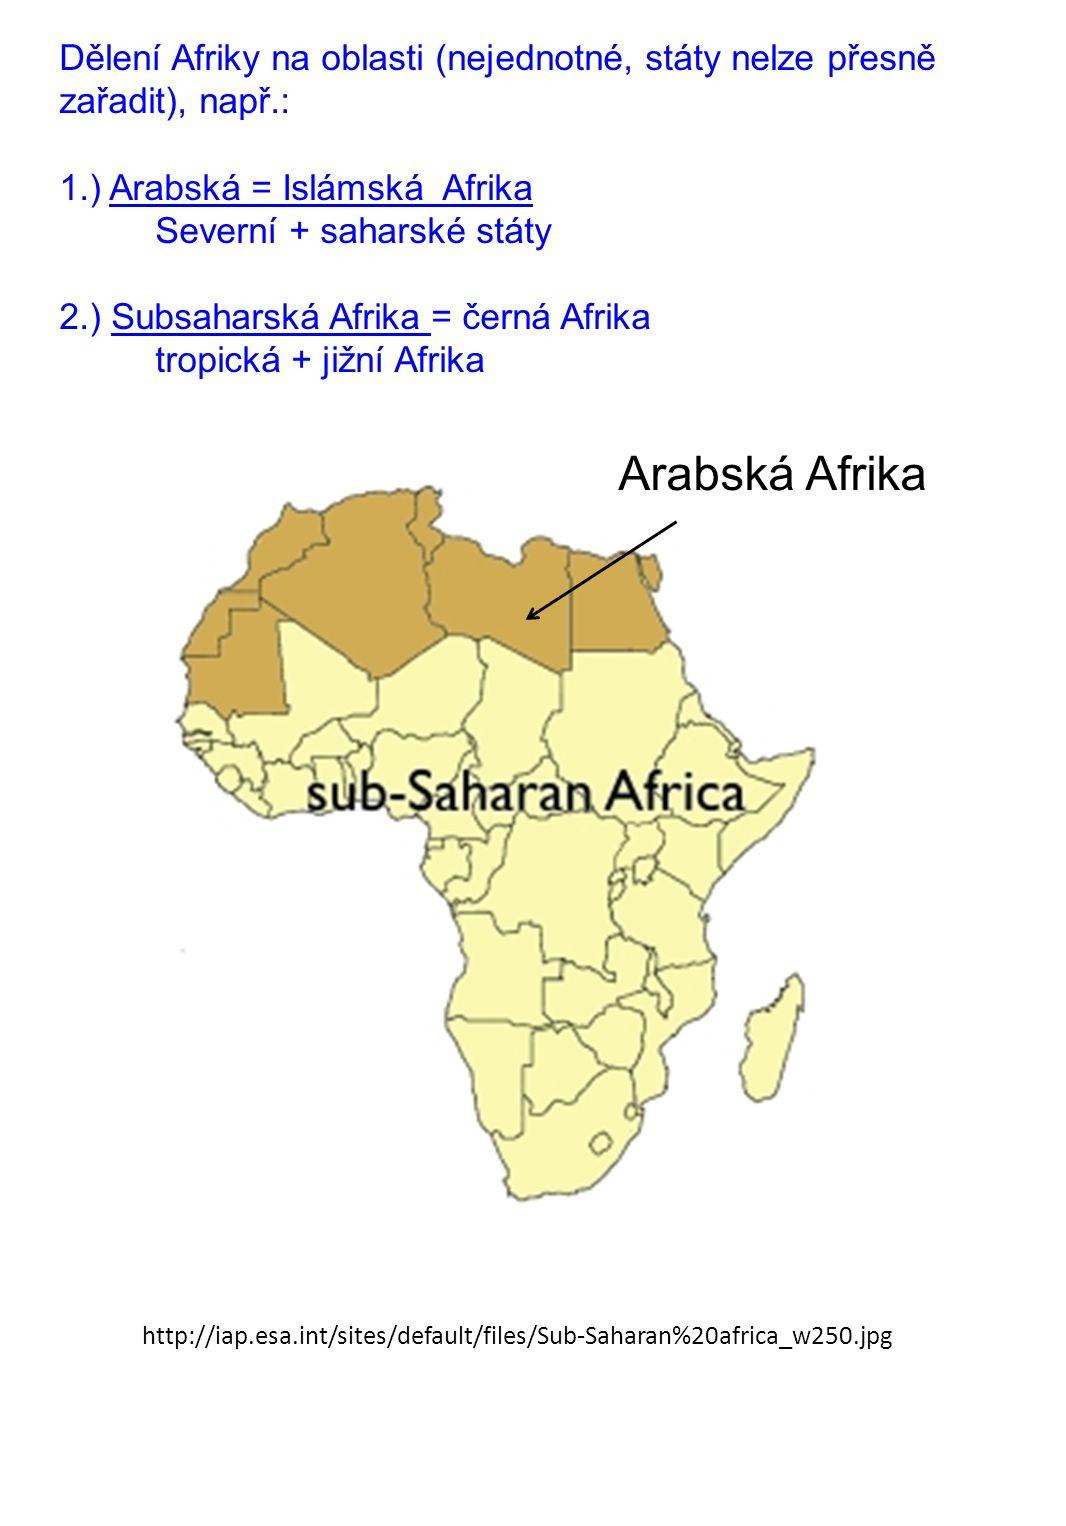 Dělení Afriky na oblasti (nejednotné, státy nelze přesně zařadit), např.: 1.) Arabská = Islámská Afrika Severní + saharské státy 2.) Subsaharská Afrik